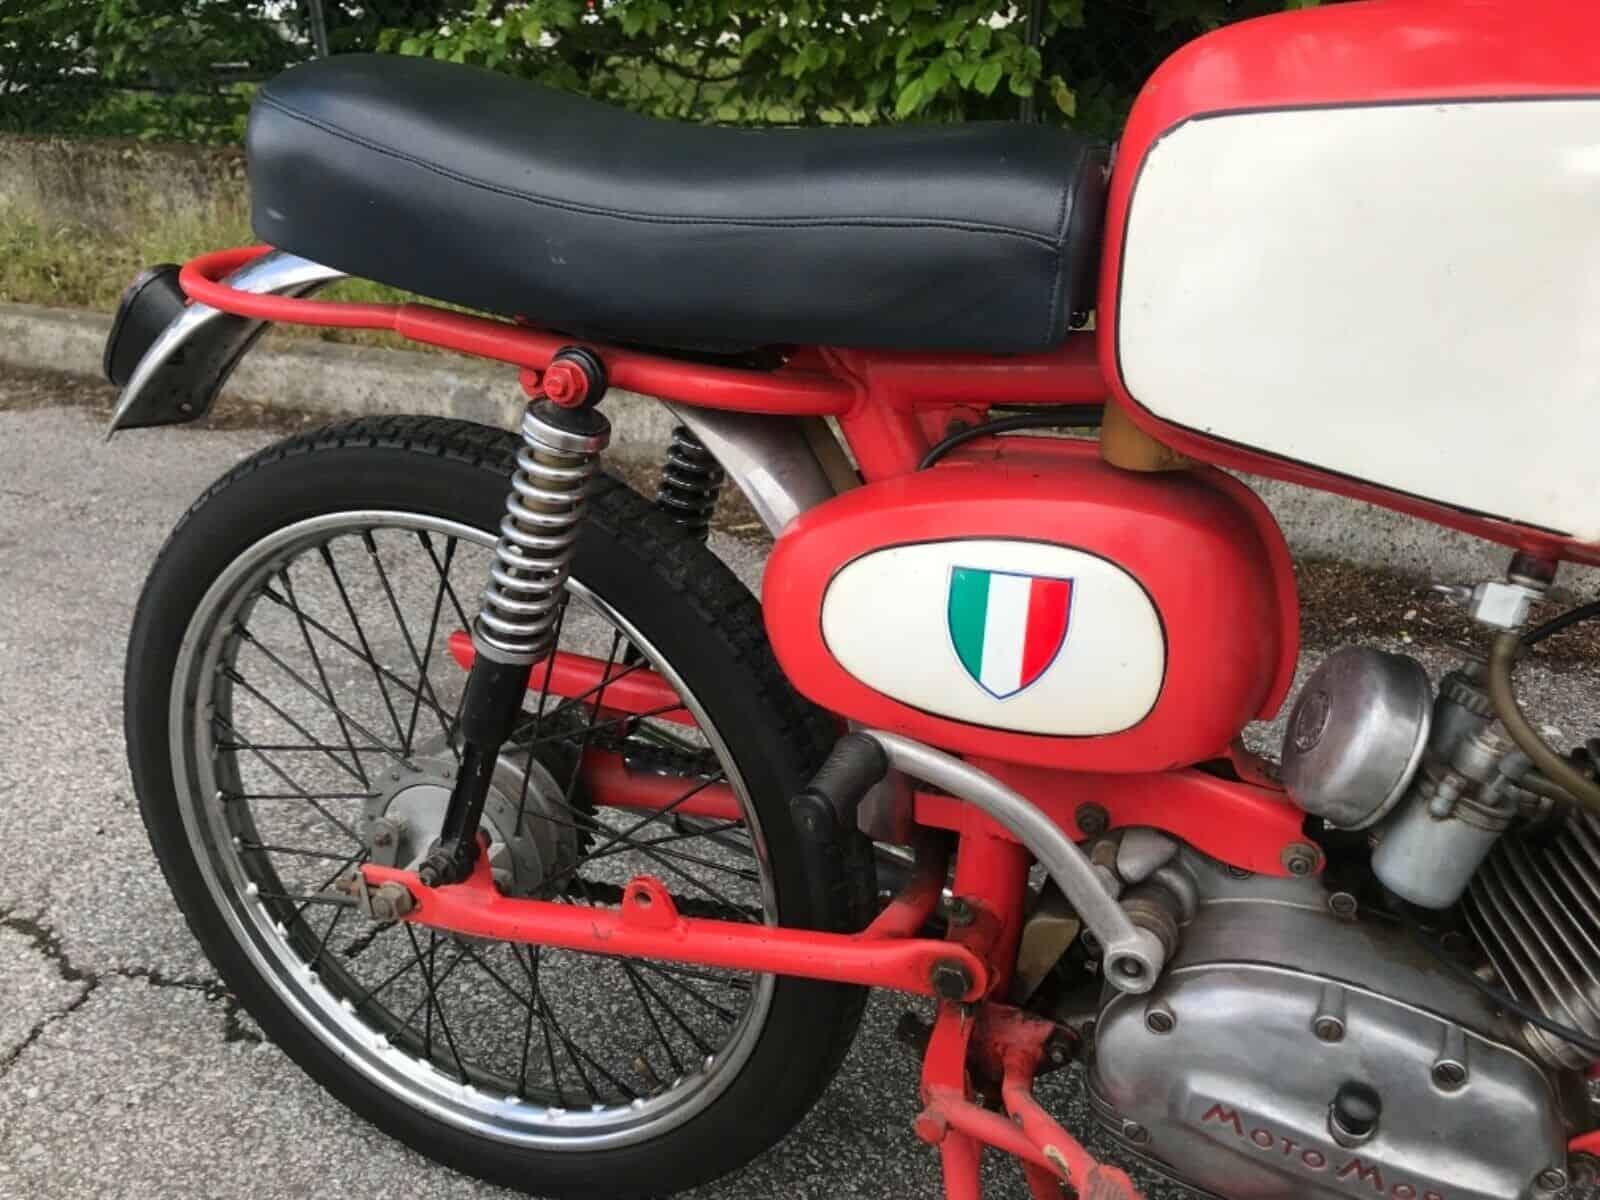 MOTO MORINI CORSARINO 50cc 1971